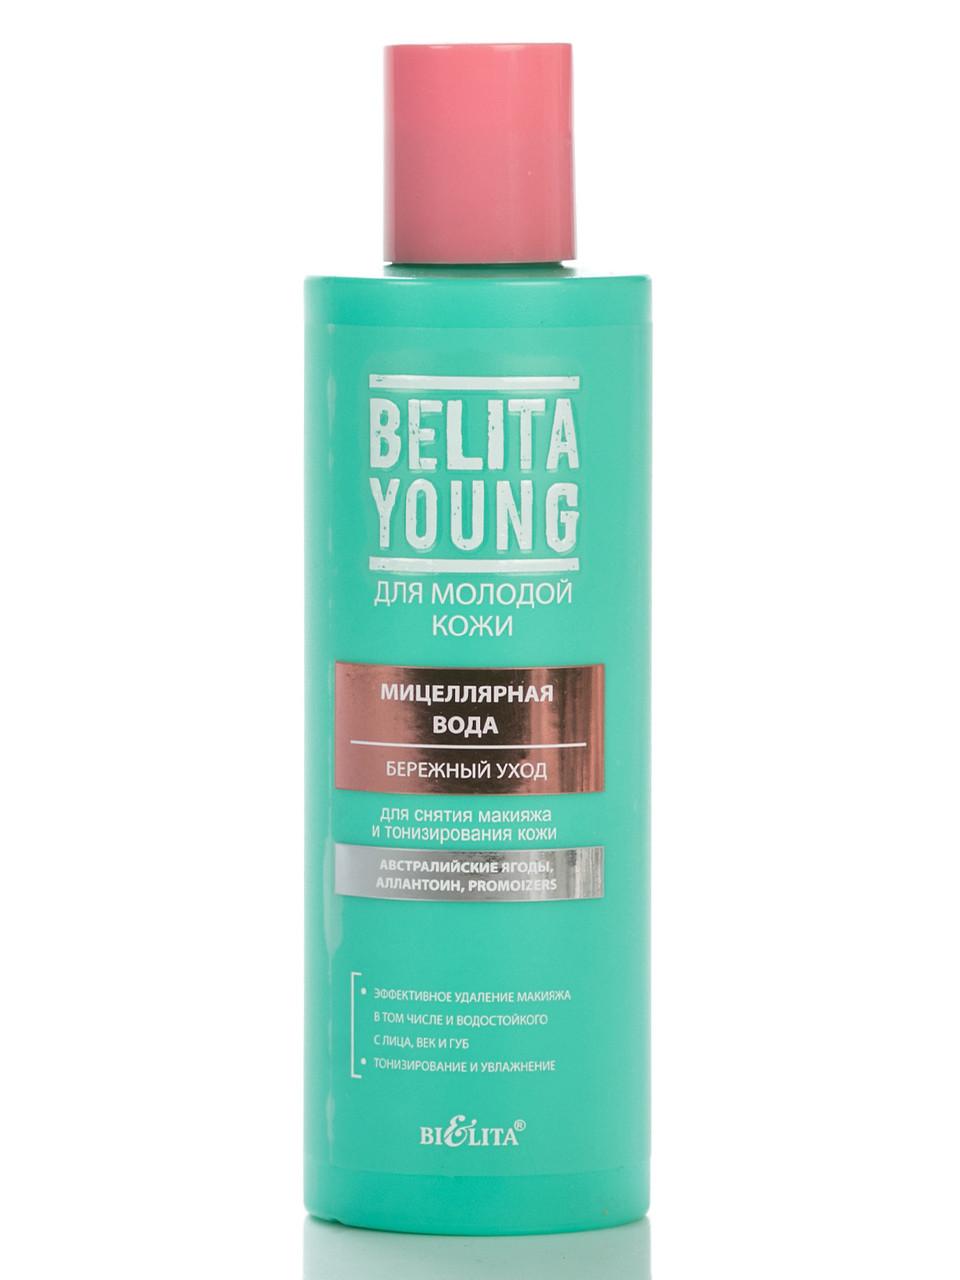 """Мицеллярная вода для снятия макияжа и тонизирования кожи """"Бережный уход"""" Belita Young 200 мл"""